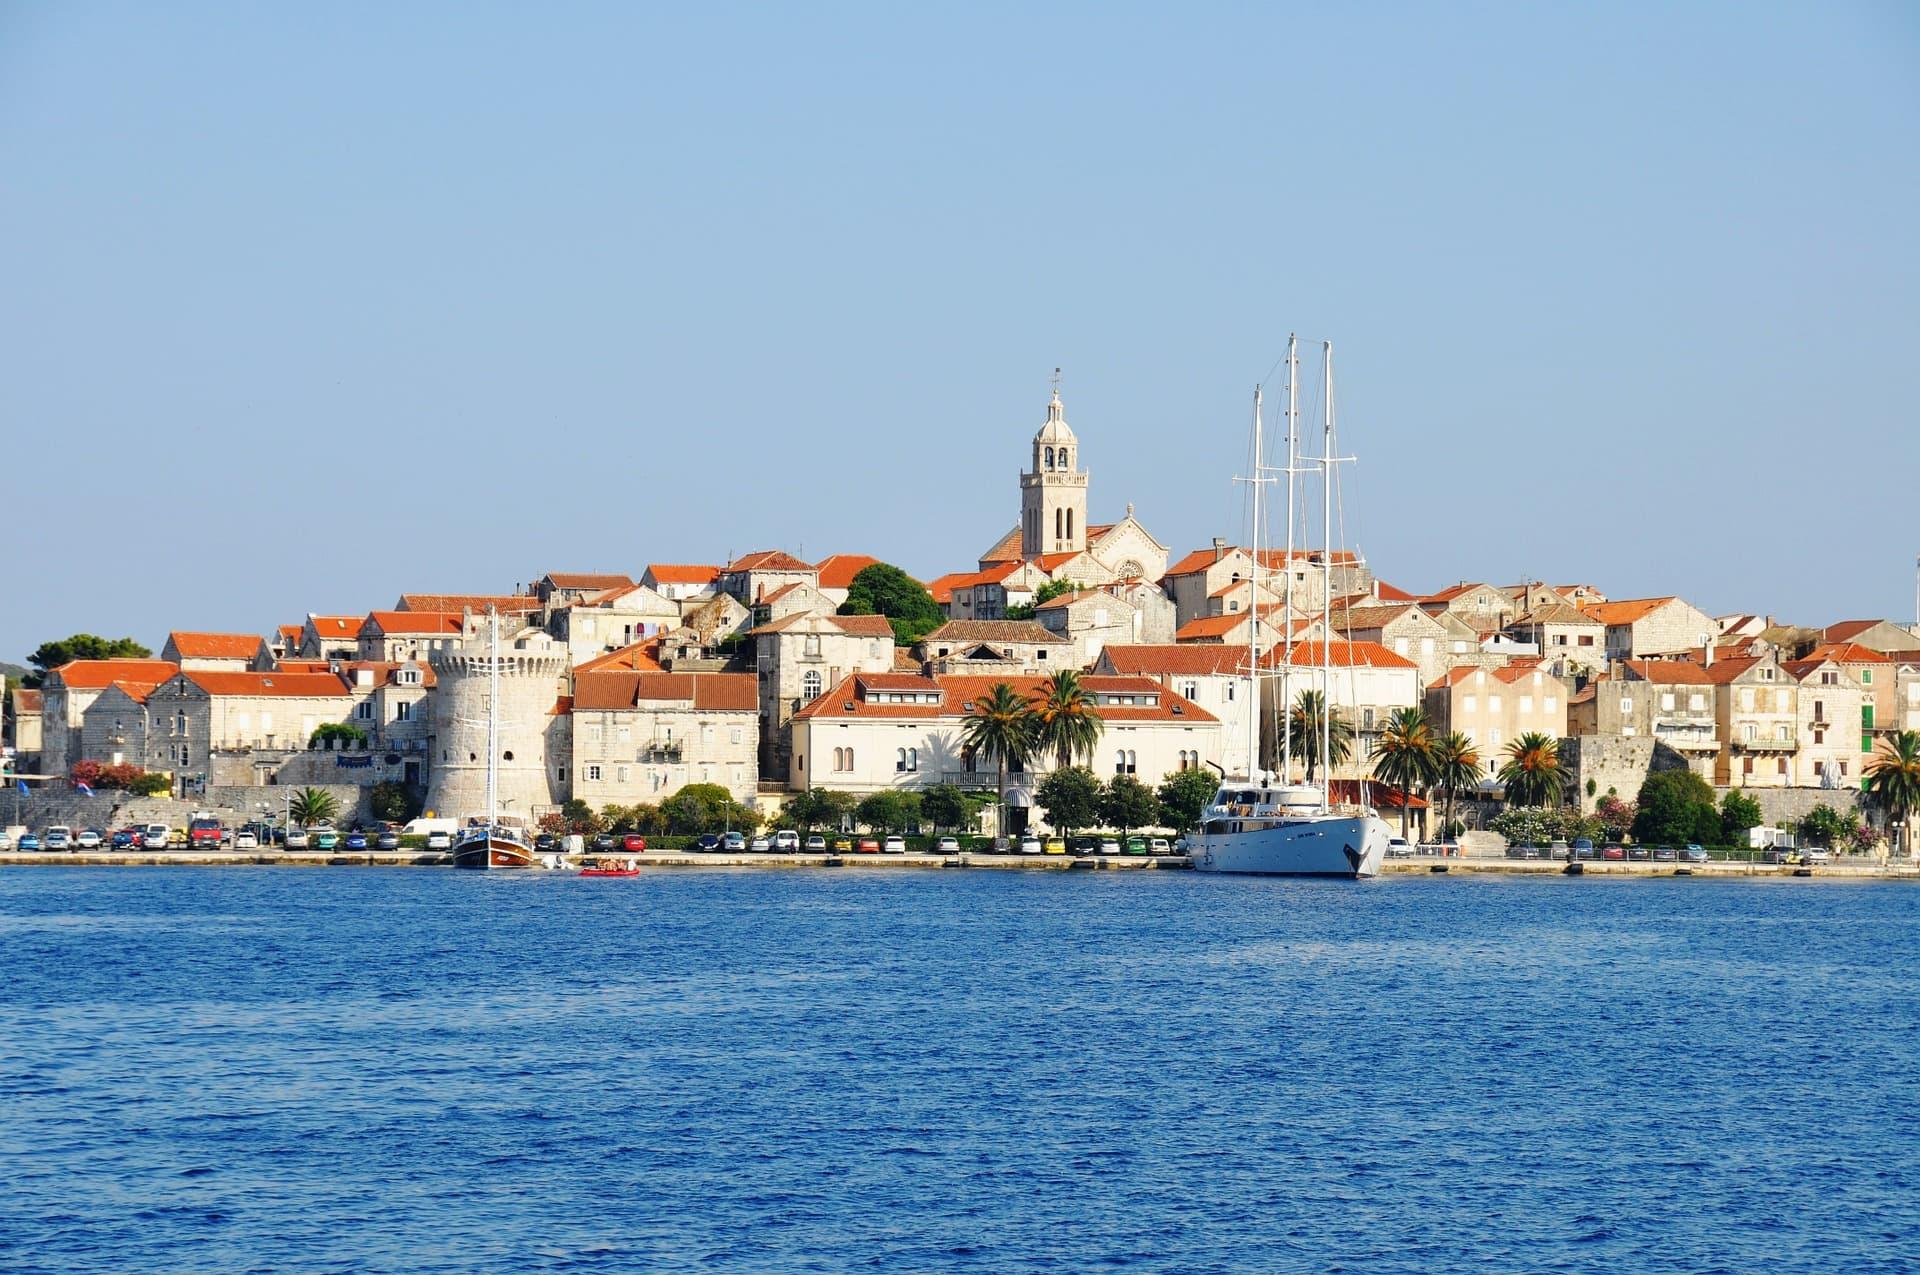 Panoramă insula Korčula